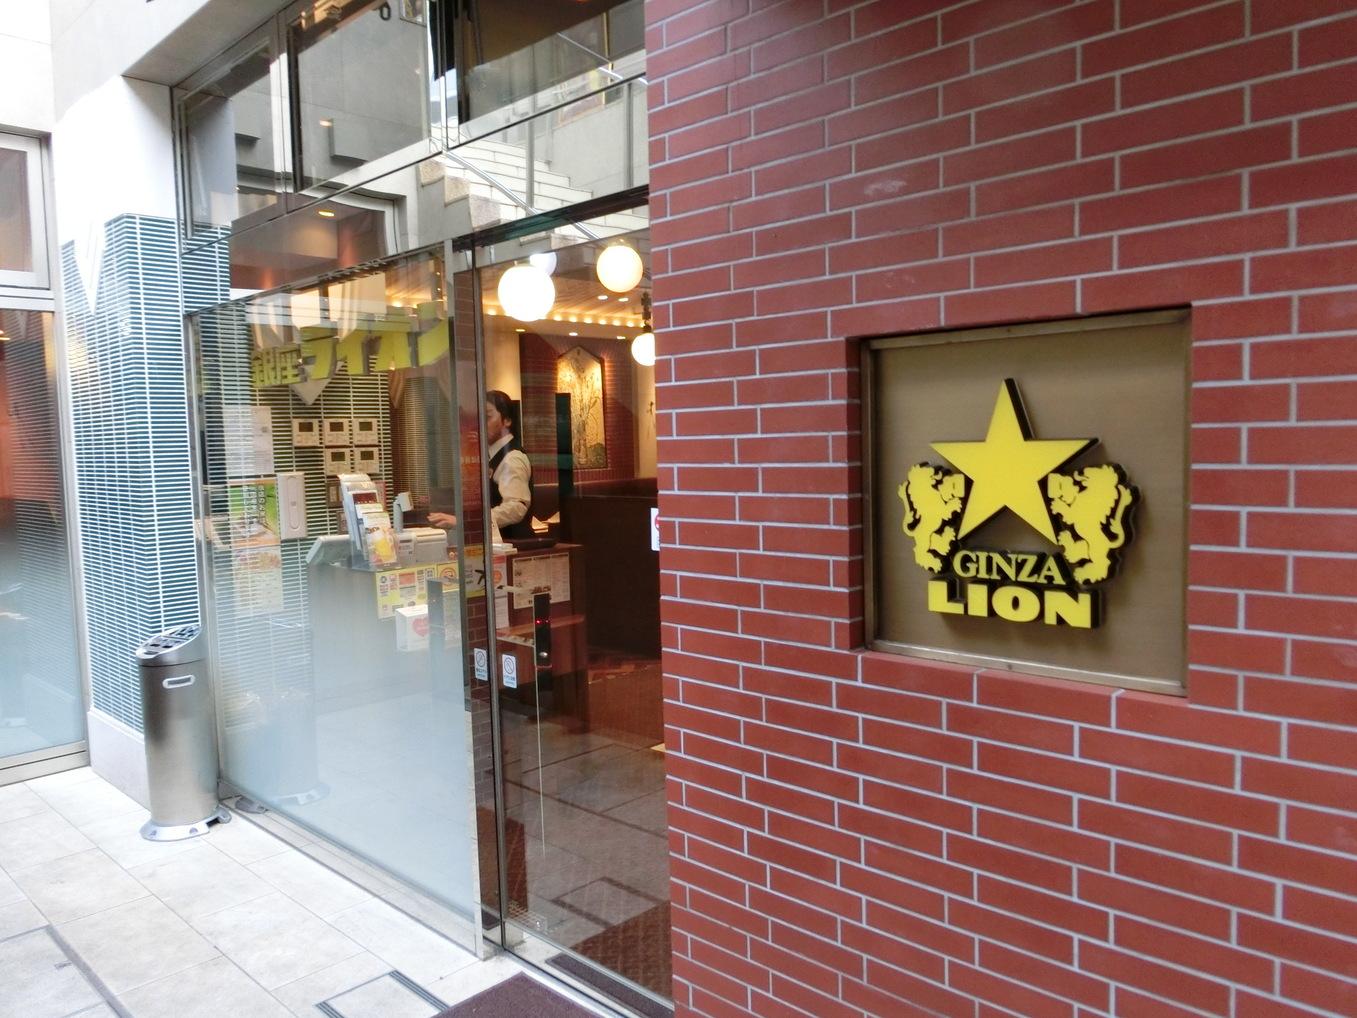 銀座ライオン 御茶ノ水店